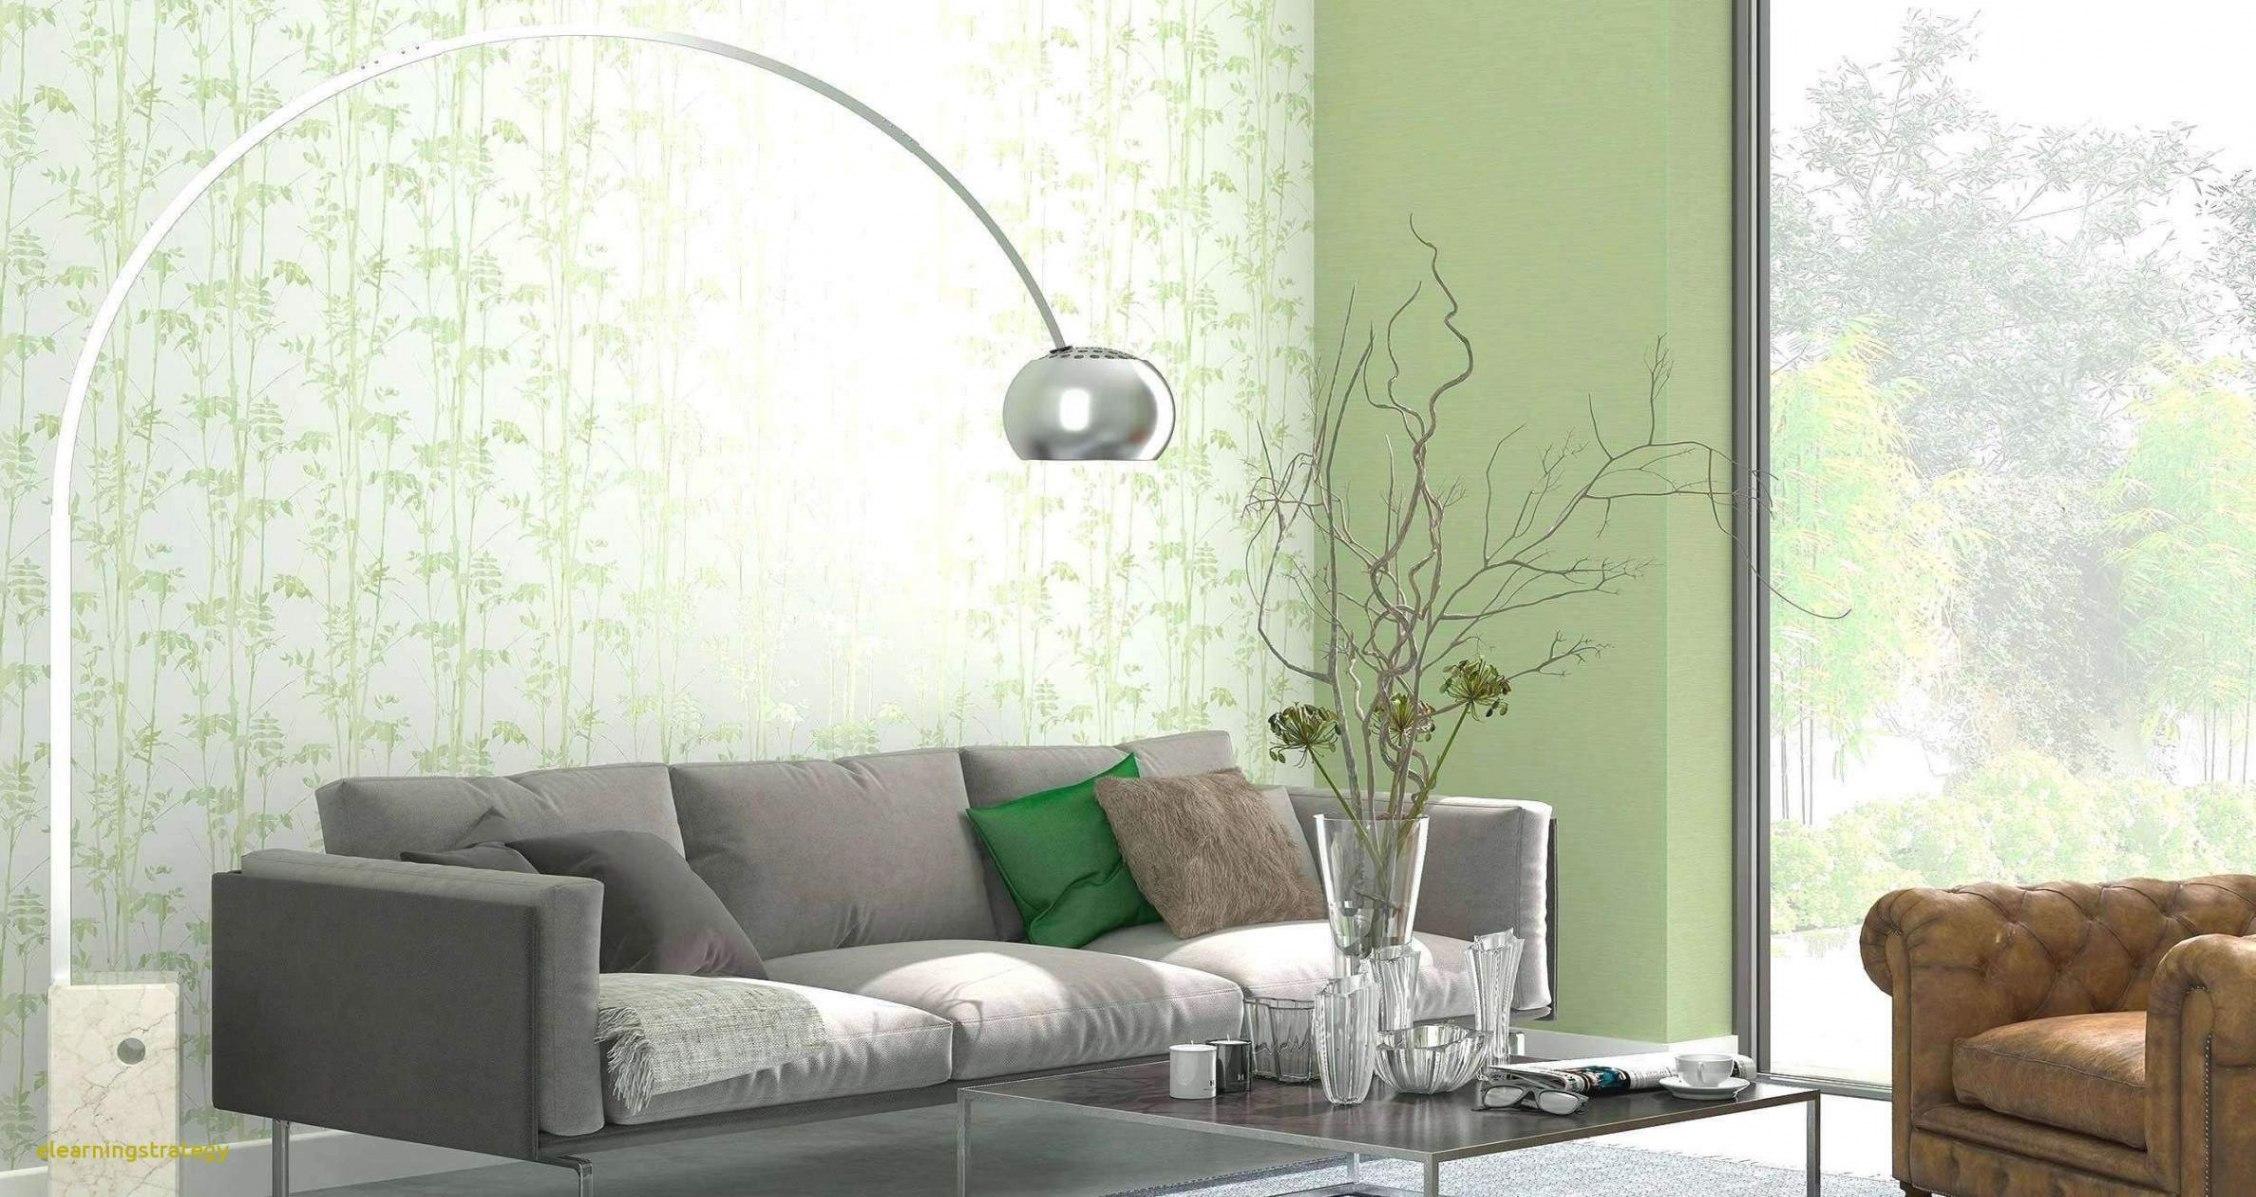 Full Size of Kissen Für Rotes Sofa 31 Das Beste Von Tapeten Für Wohnzimmer Frisch Wohnzimmer Wohnzimmer Tapete